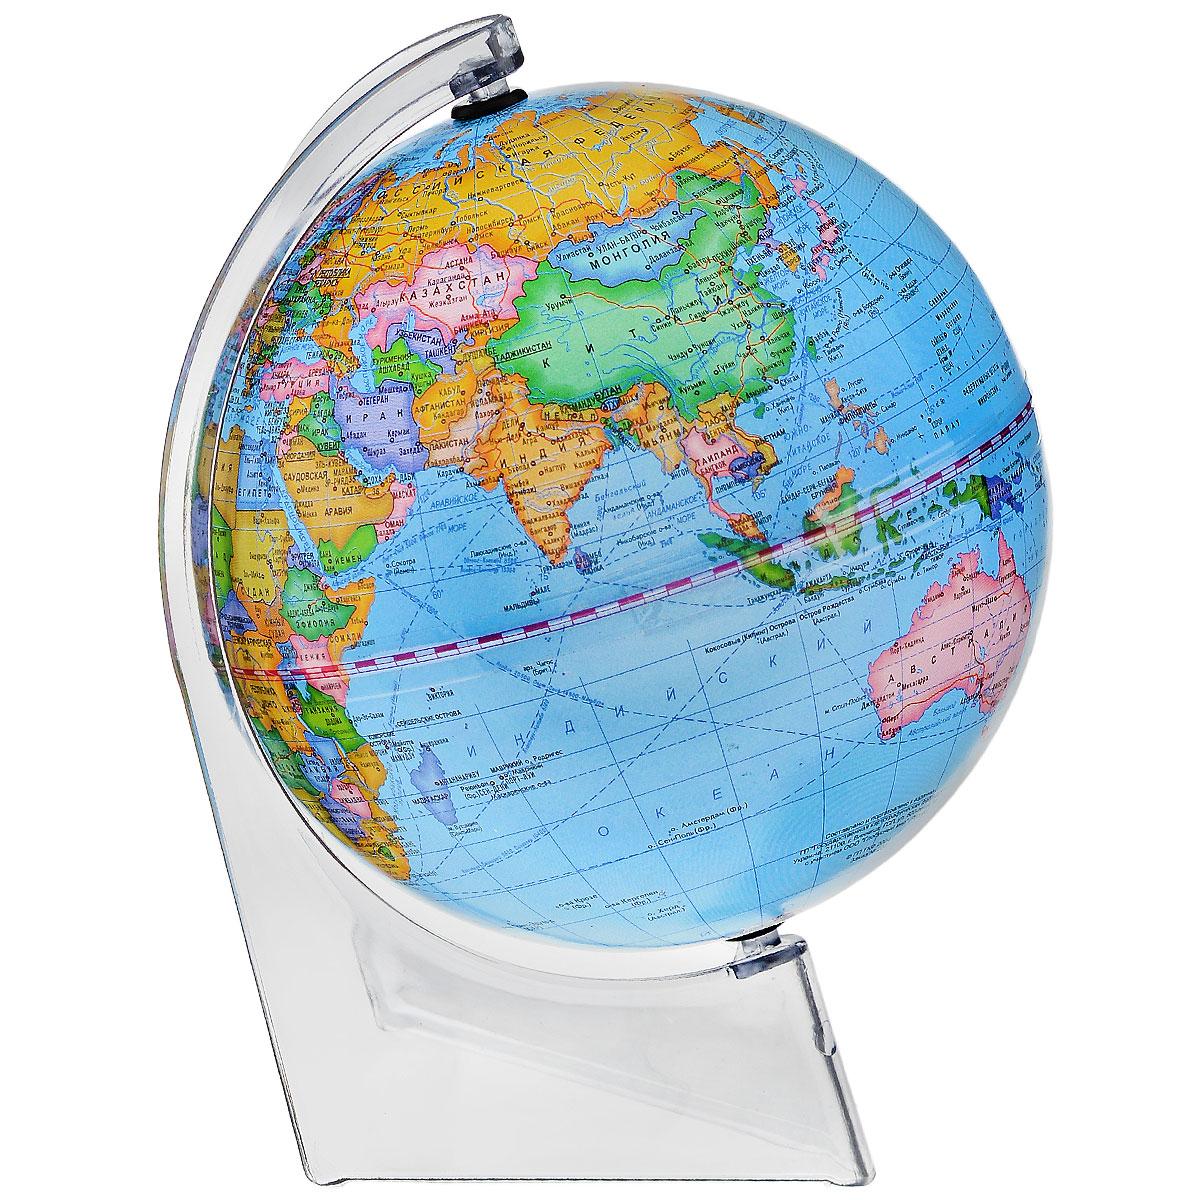 Глобусный мир Глобус с политической картой мира, диаметр 15 см